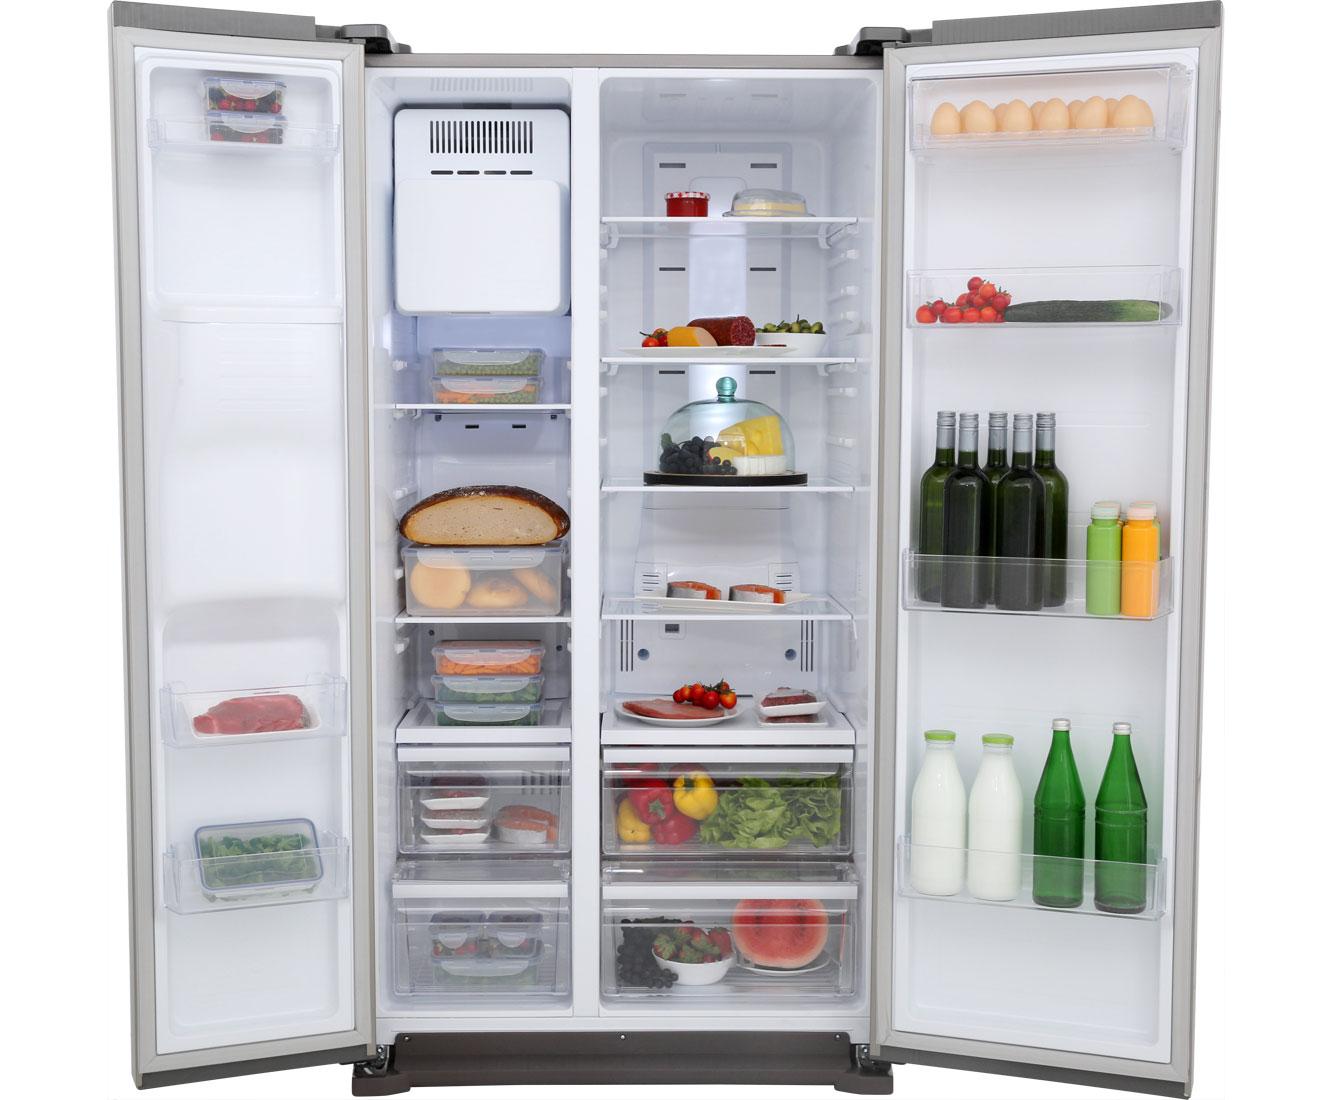 Amerikanischer Kühlschrank Edelstahl : Amerikanischer kühlschrank samsung erstaunliche inspiration